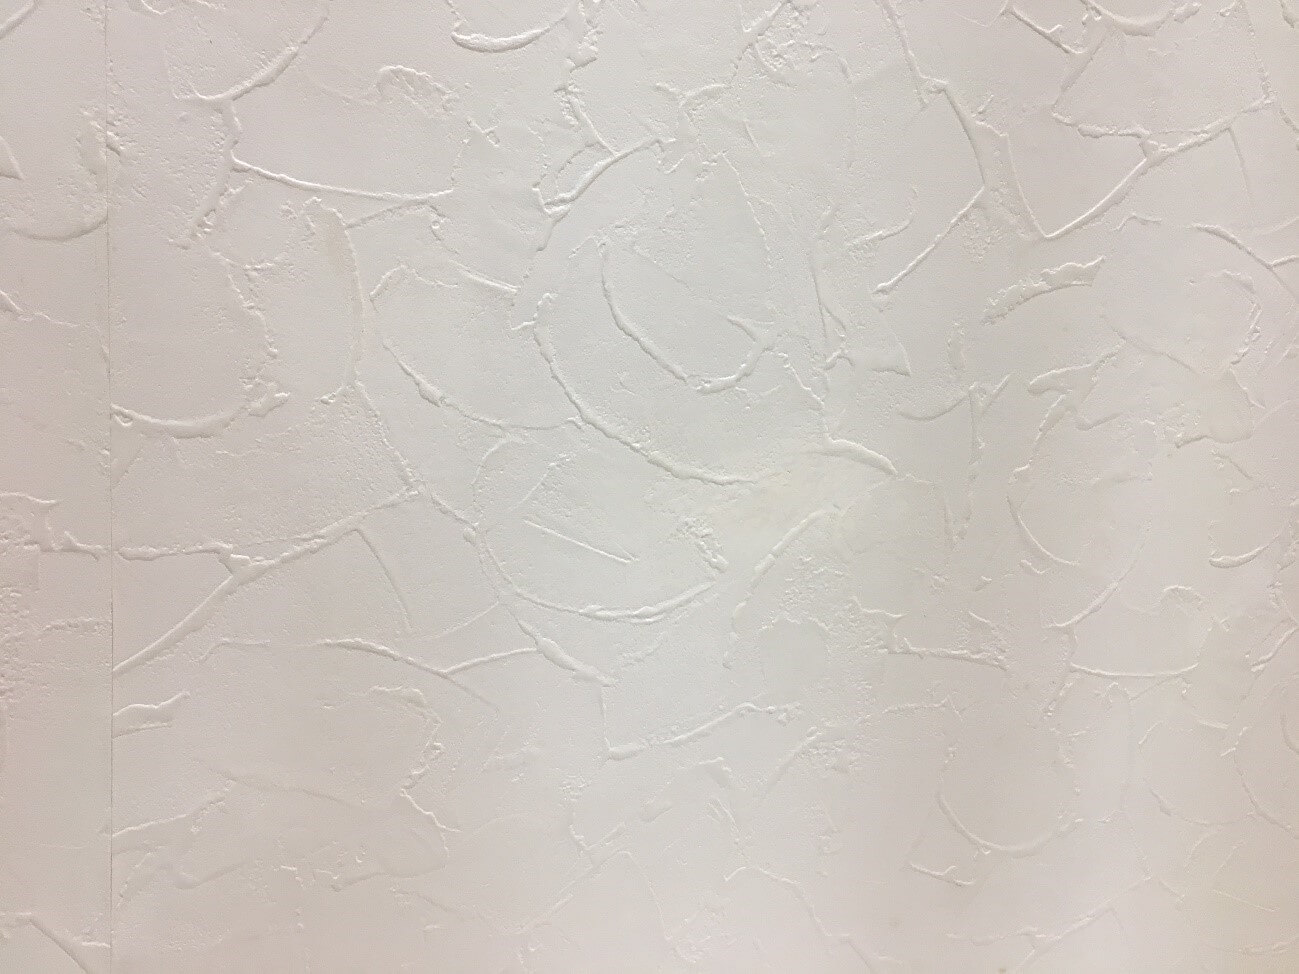 例えば下の写真のようなちょっとした凹みもプロの手にかかればぱっと見分からないレベルになってしまう。